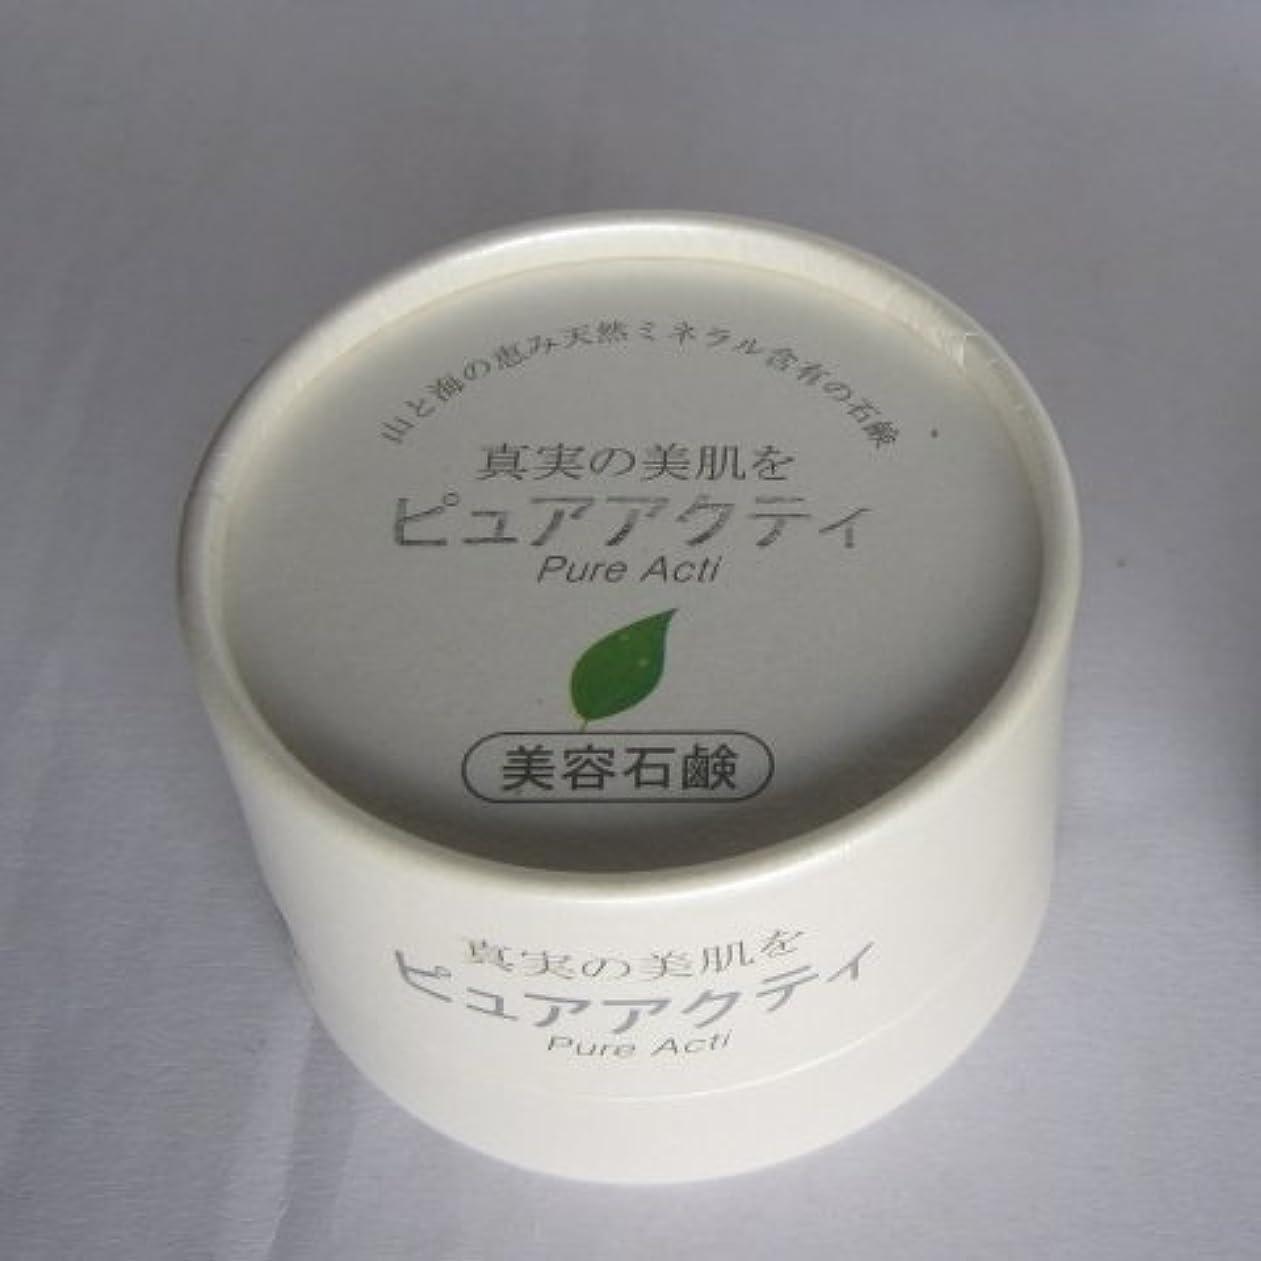 付録異常な毛細血管ピュアアクティ(美容石鹸)